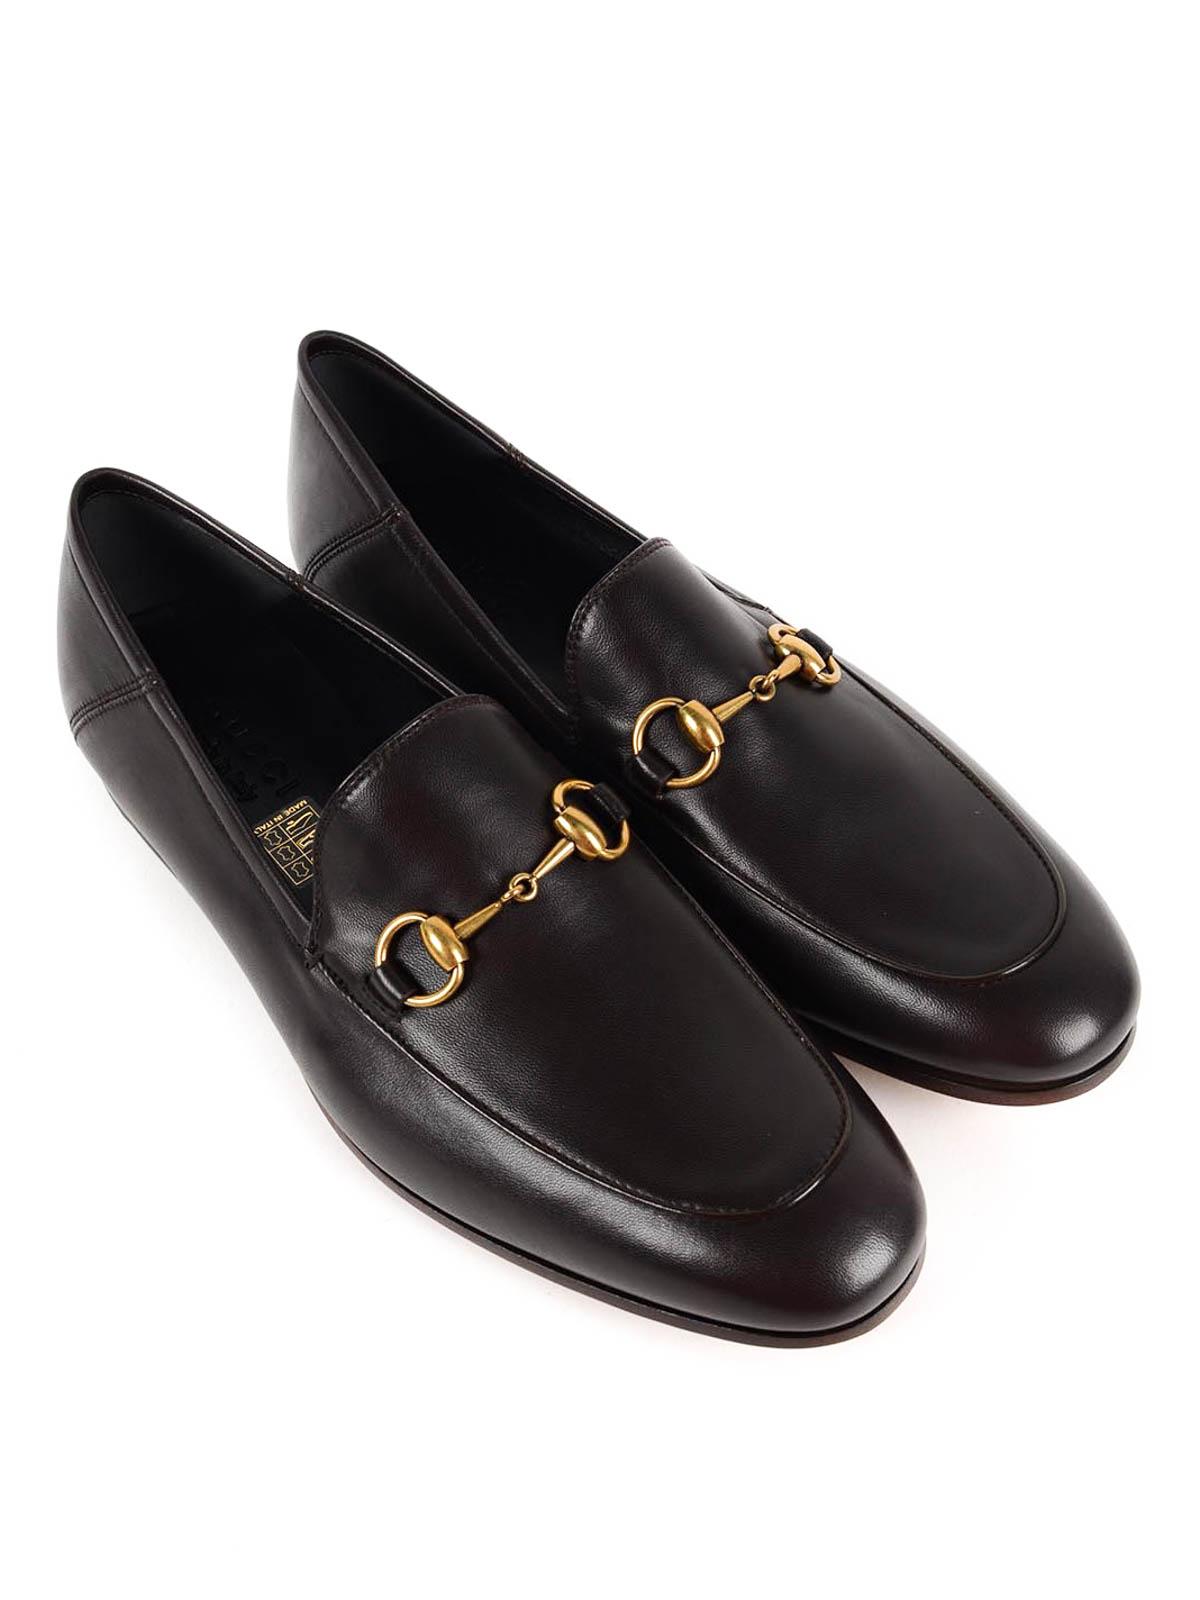 Sale Gucci Shoes Uk